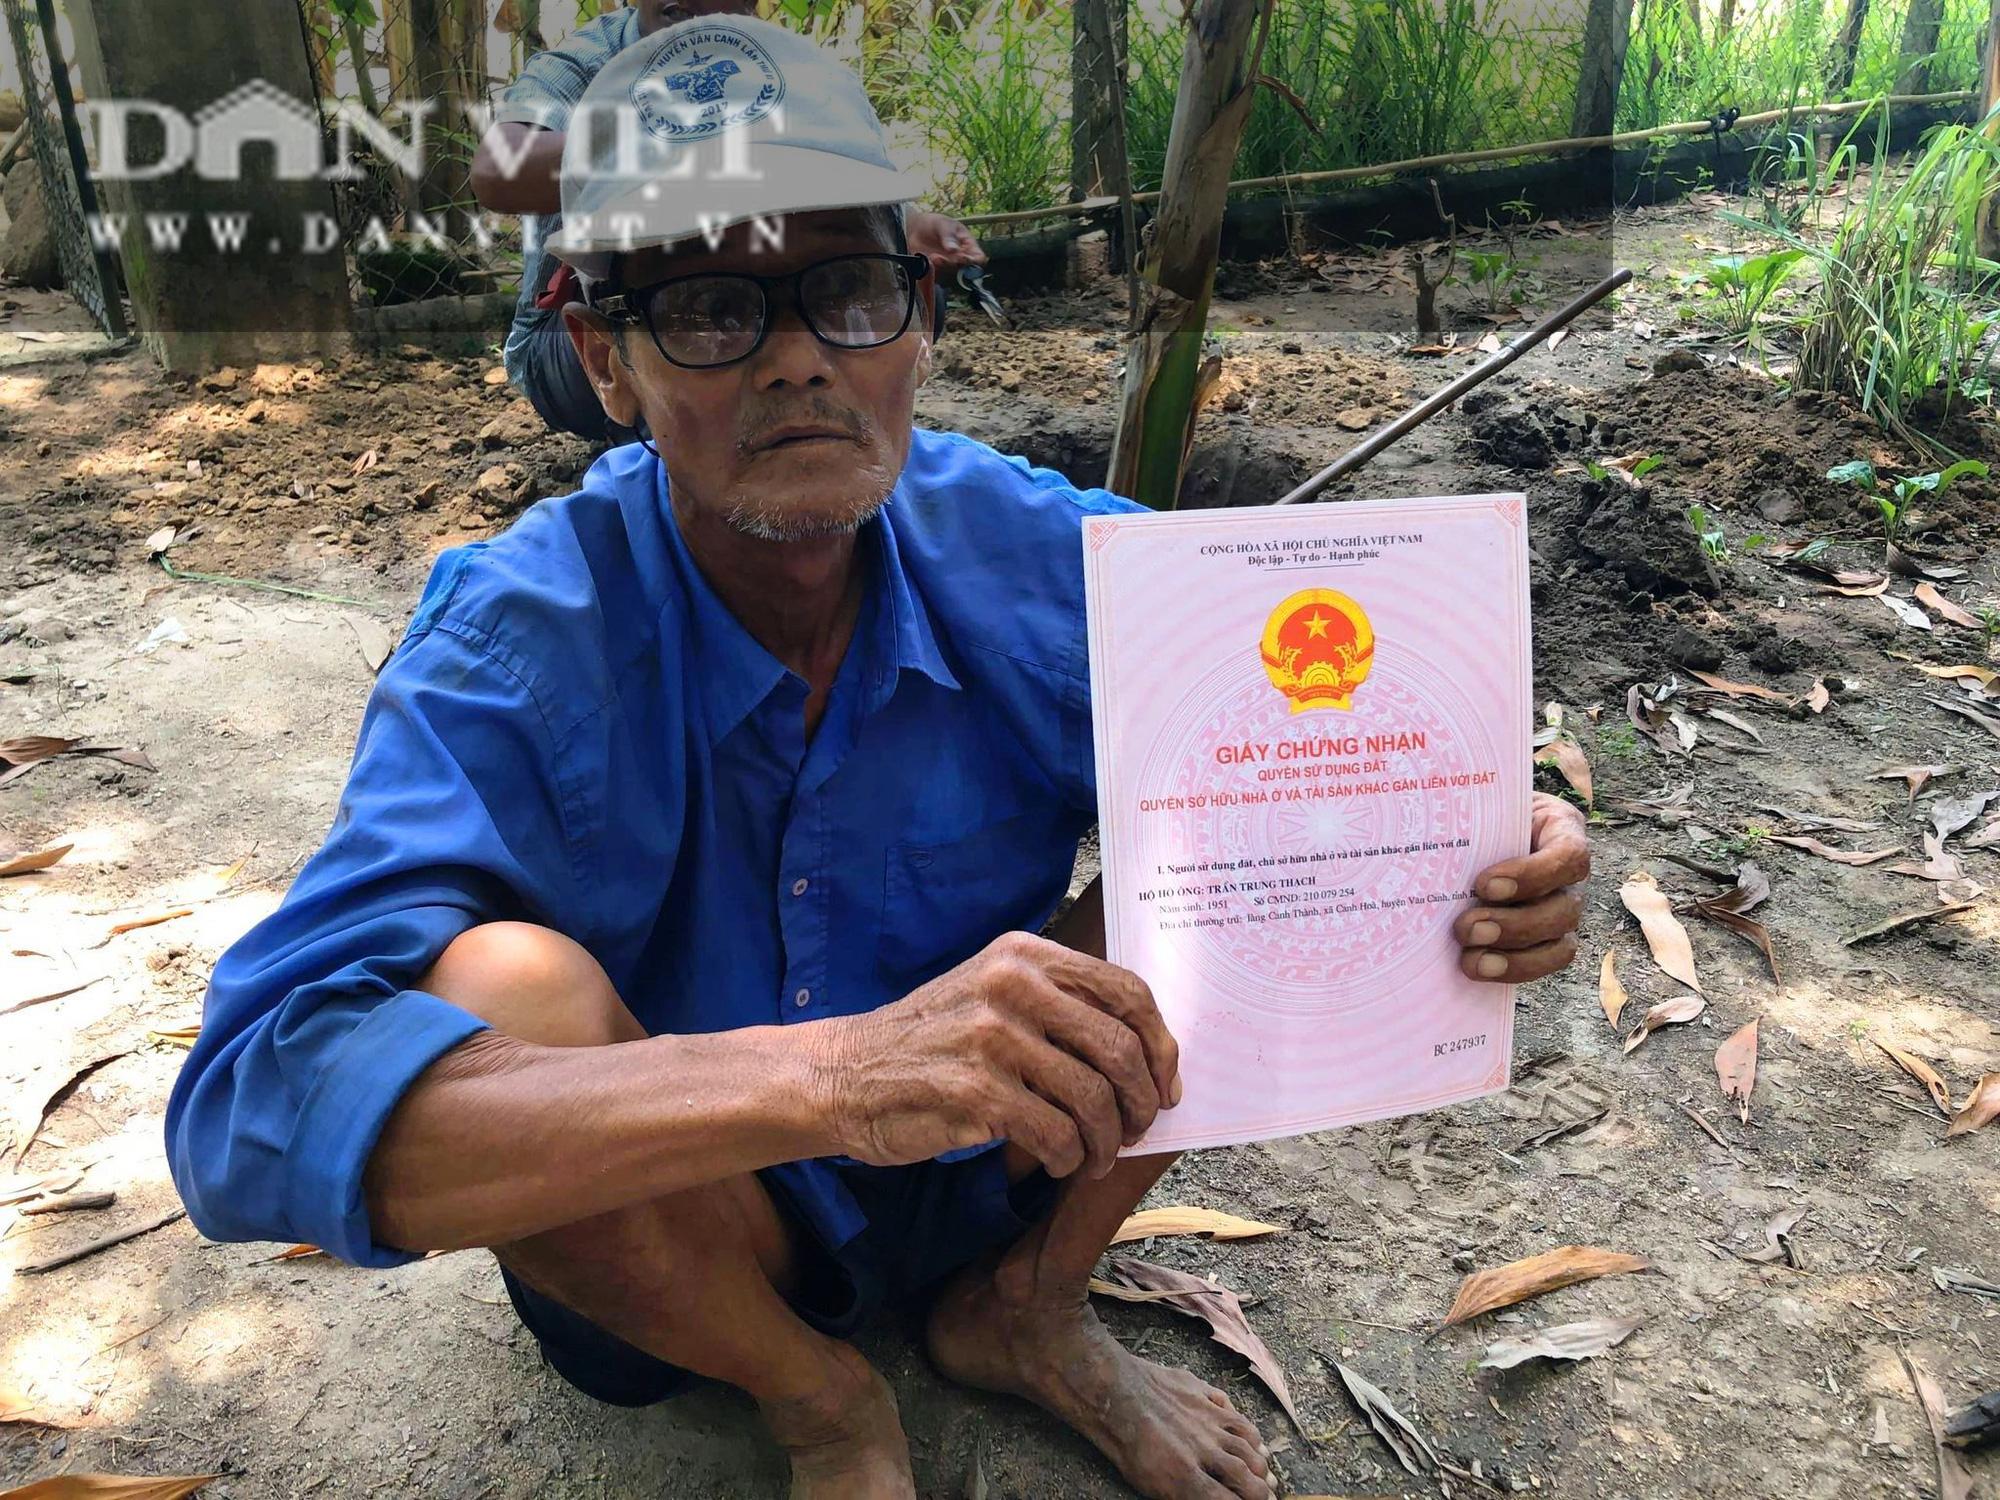 """Bình Định: Dân thắc mắc cán bộ được cấp đất rừng, Bí thư huyện nói """"cần thiết giao công an vào cuộc"""" - Ảnh 1."""